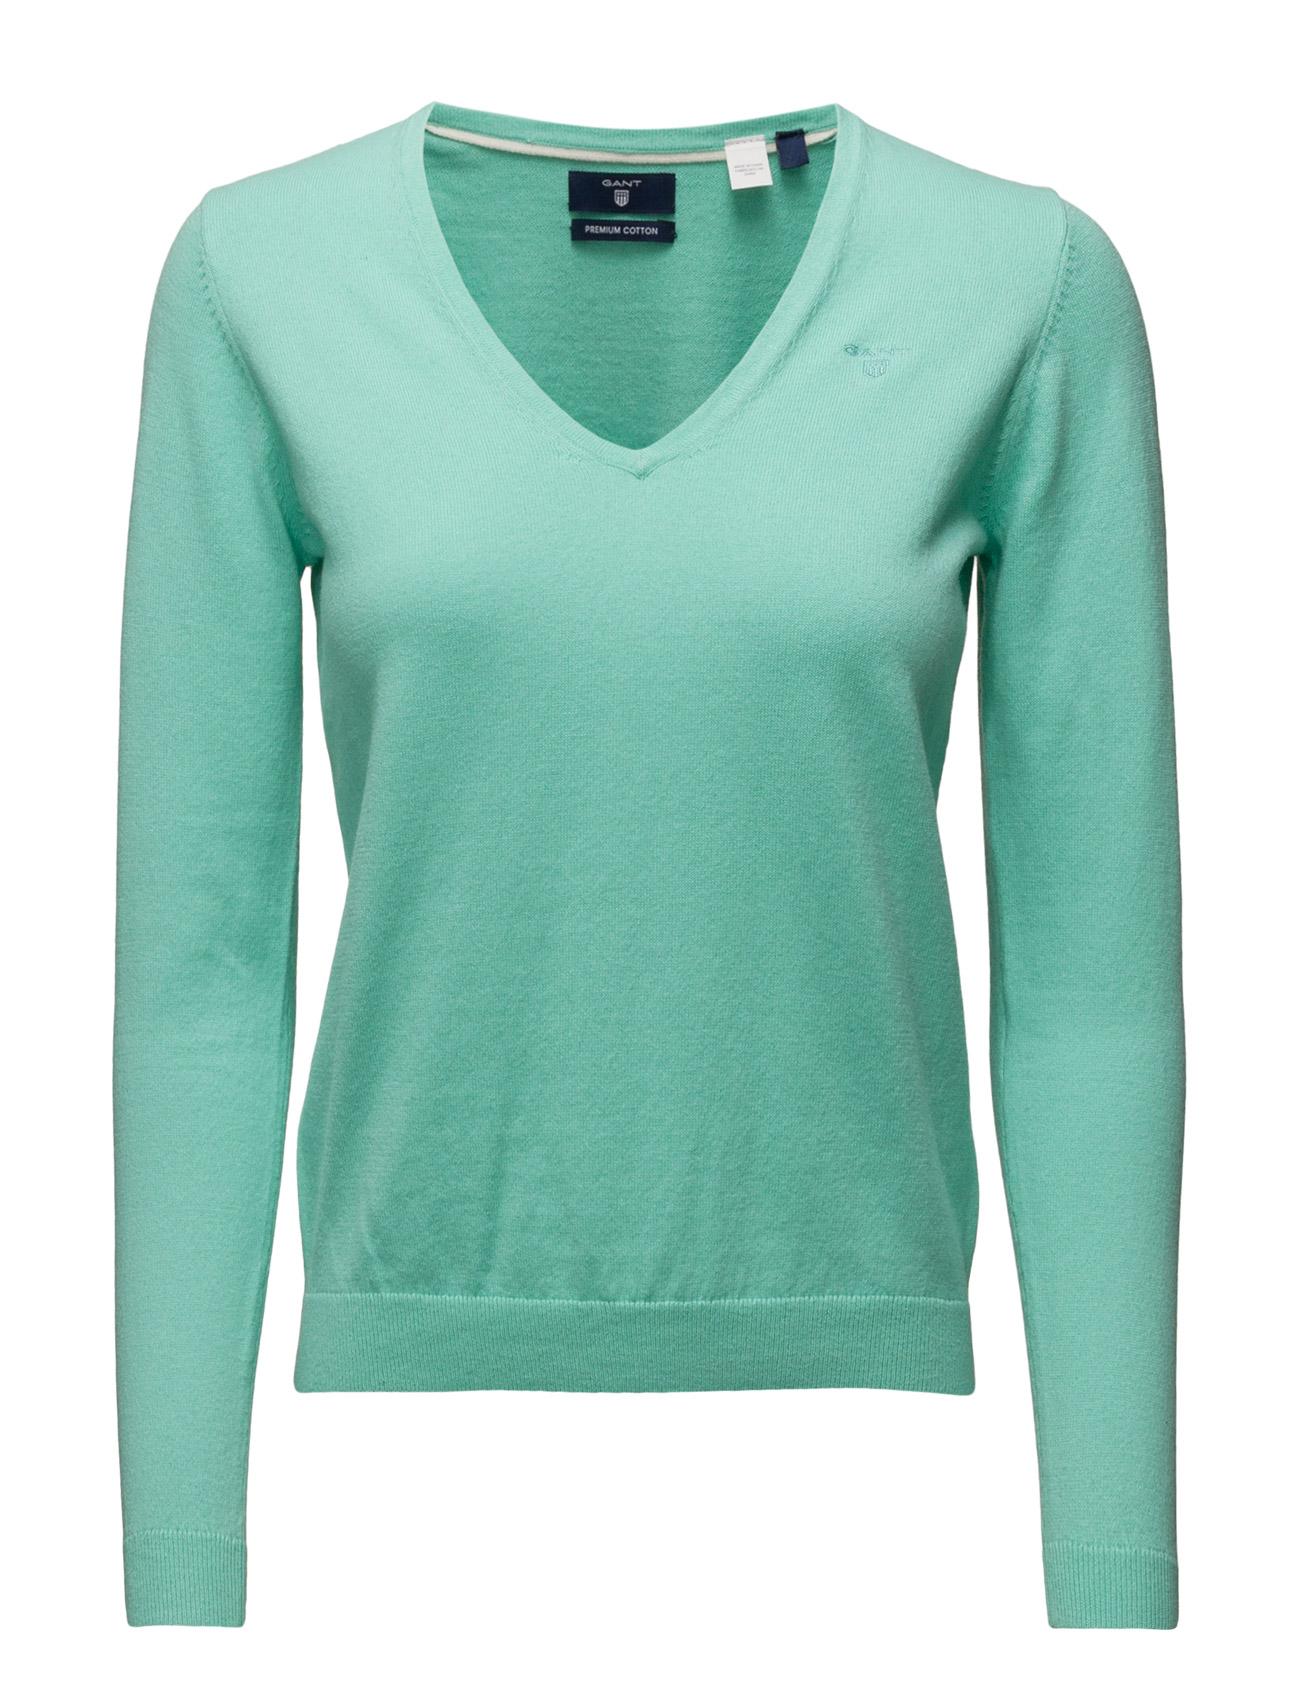 Soft Cotton V-Neck GANT Sweatshirts til Damer i